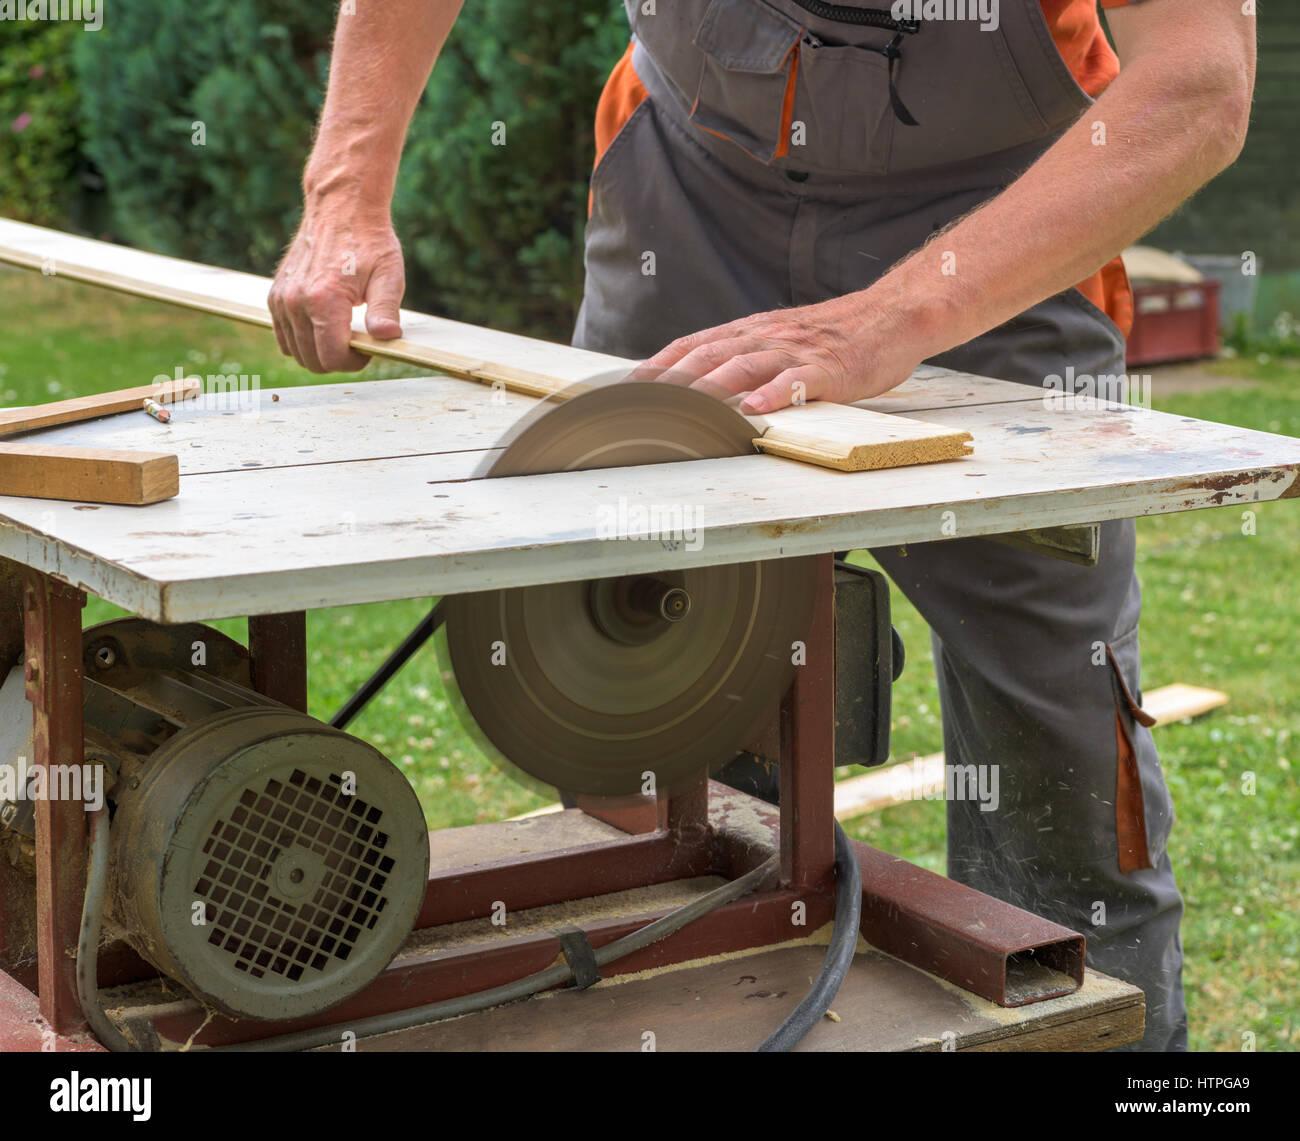 Fabelhaft Tischler arbeiten mit elektrischen Kreissäge Schneiden von Holz &SE_46